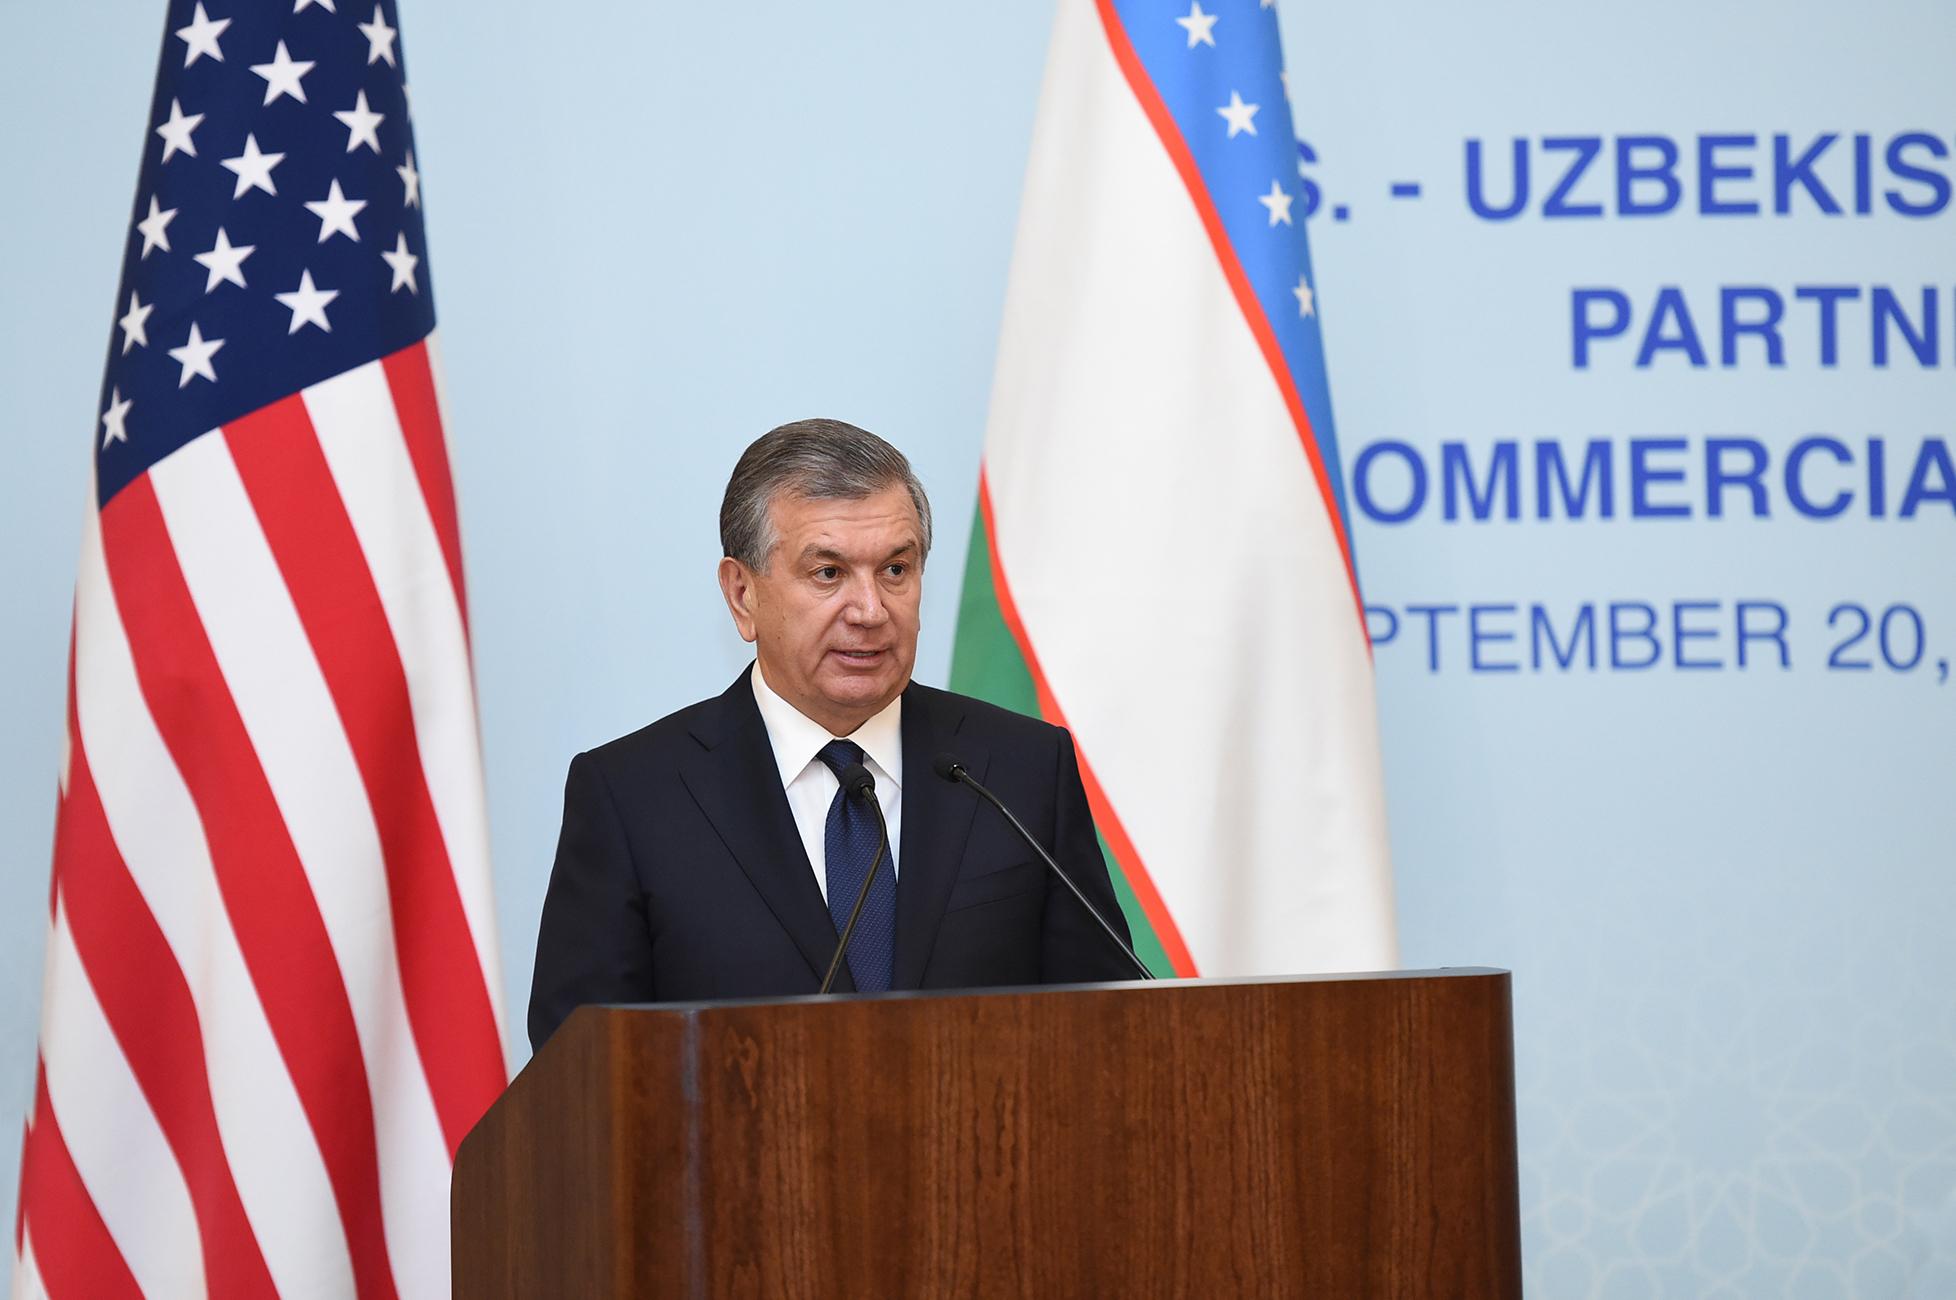 США и Узбекистан подписали контракт на 2,6 млрд долларов в знак «новой эры отношений»